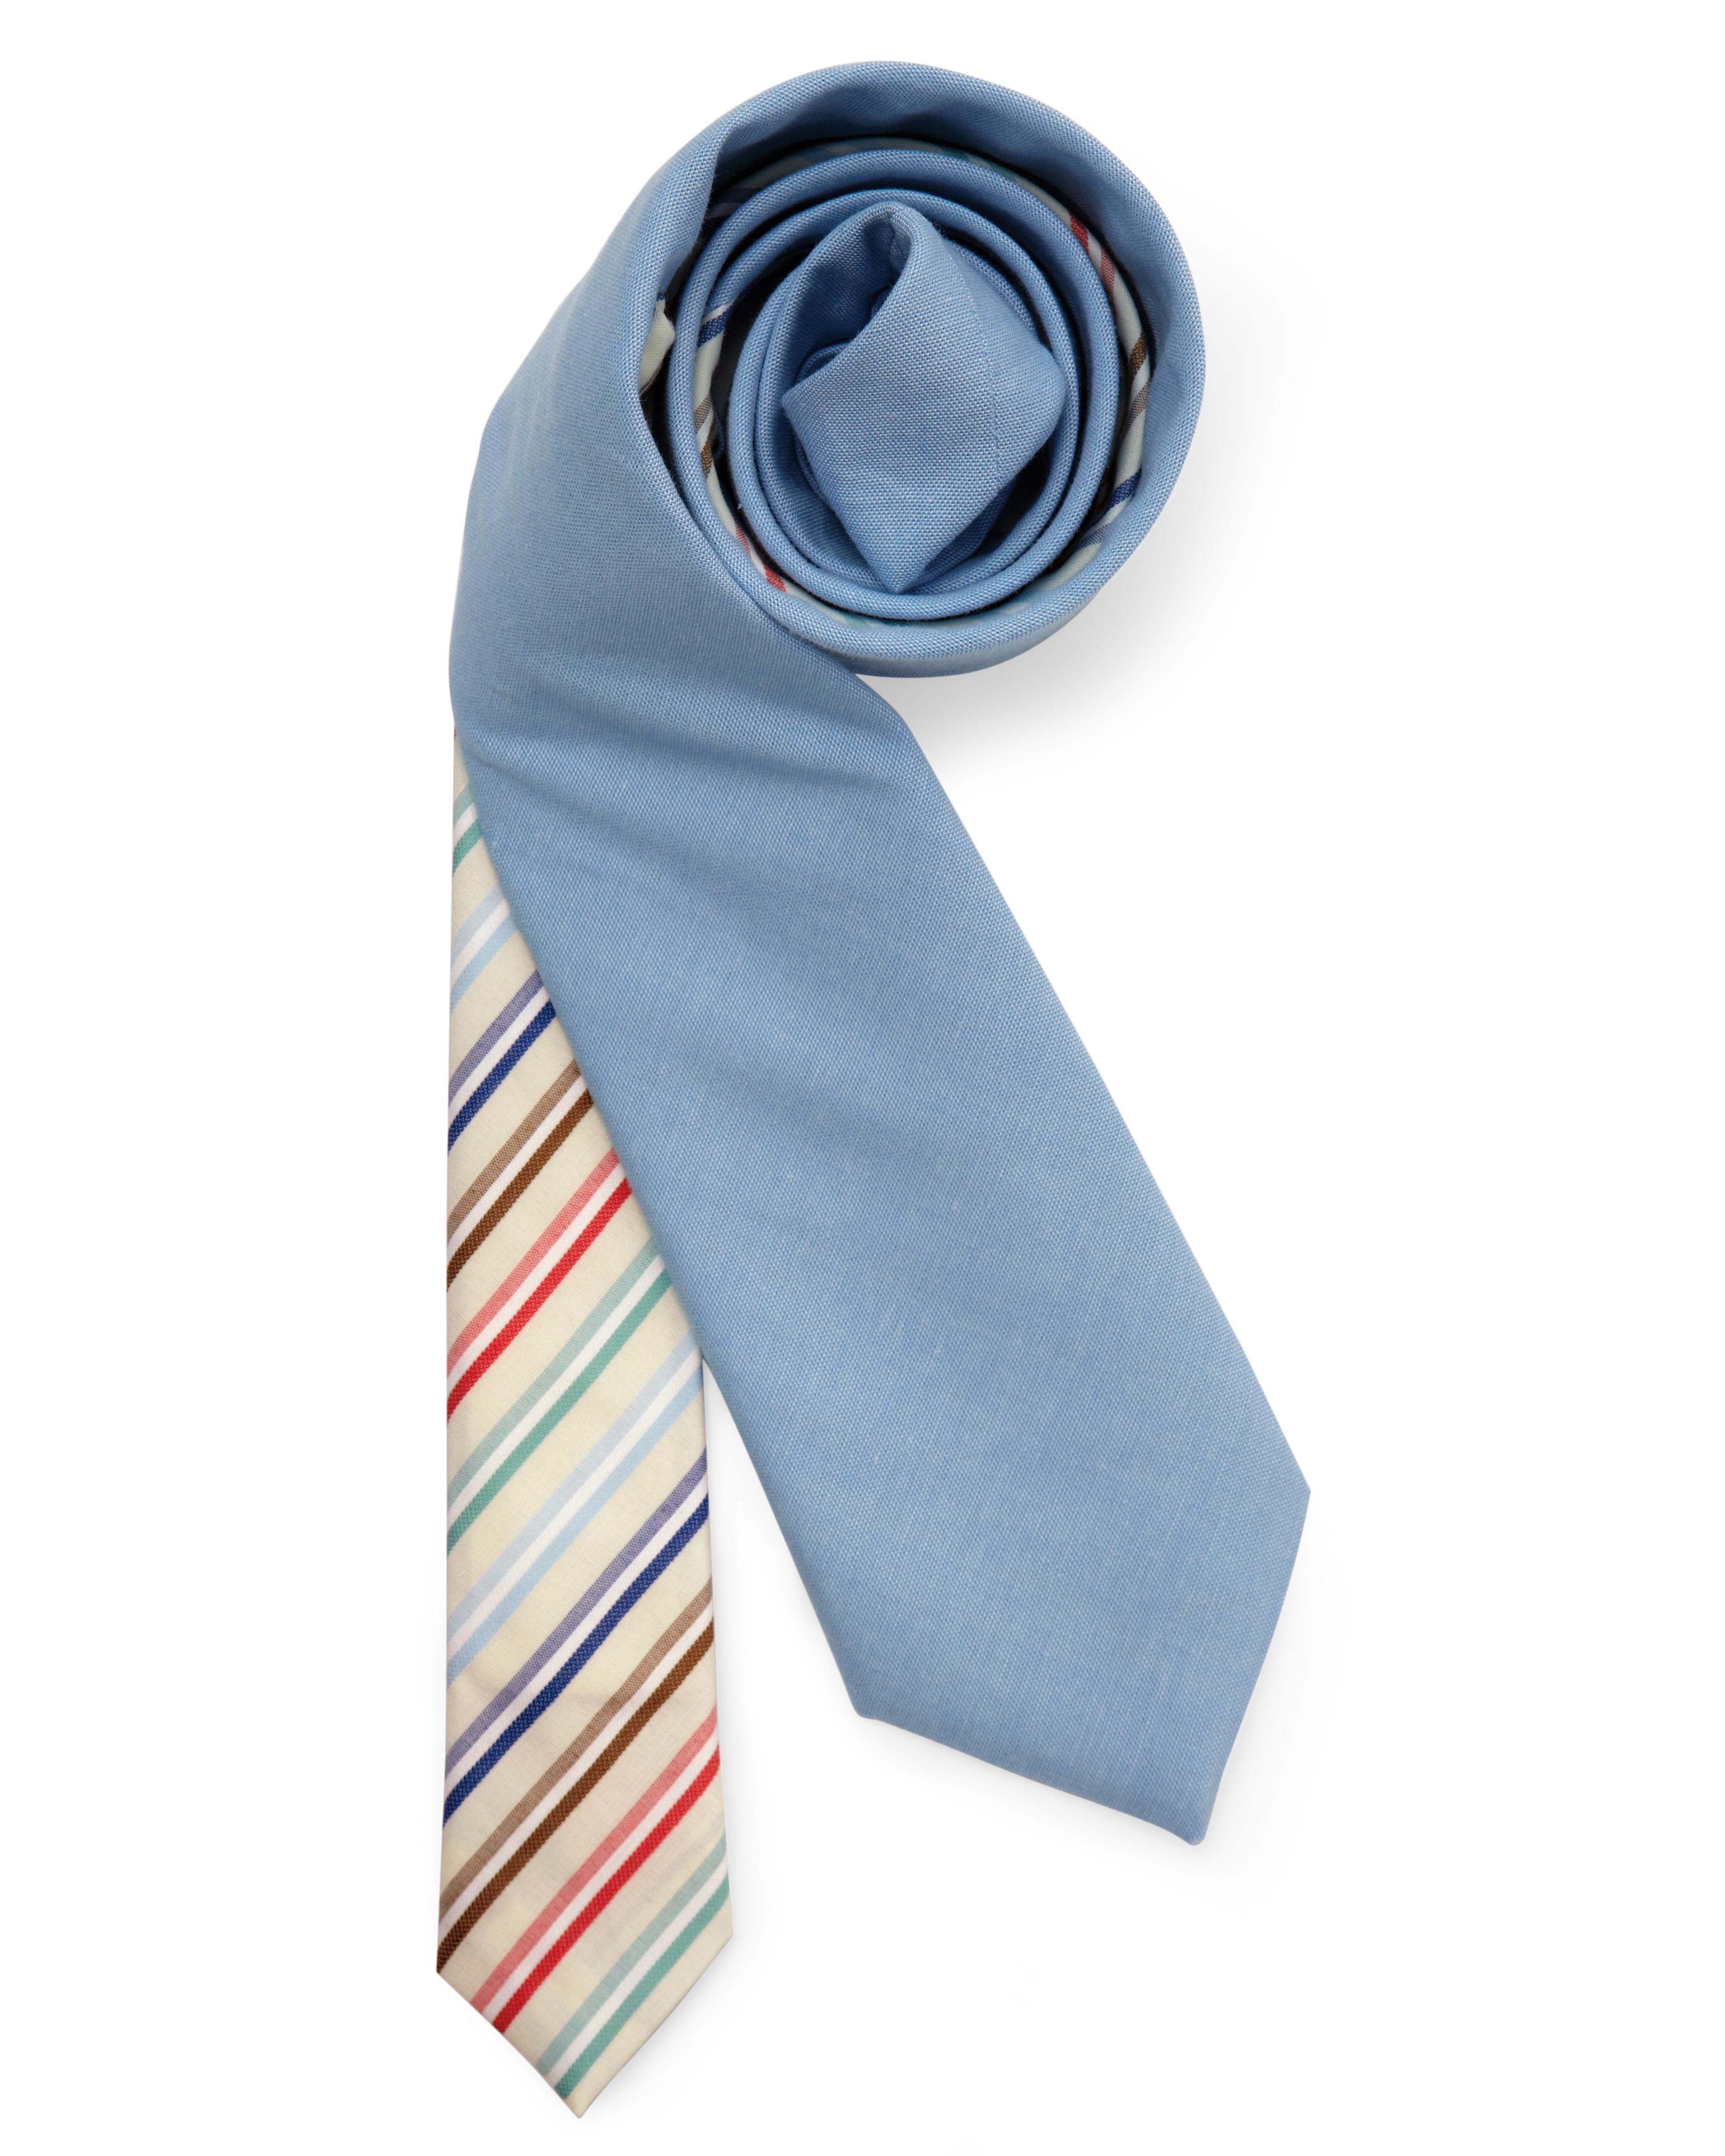 ties-004-mwd109642.jpg